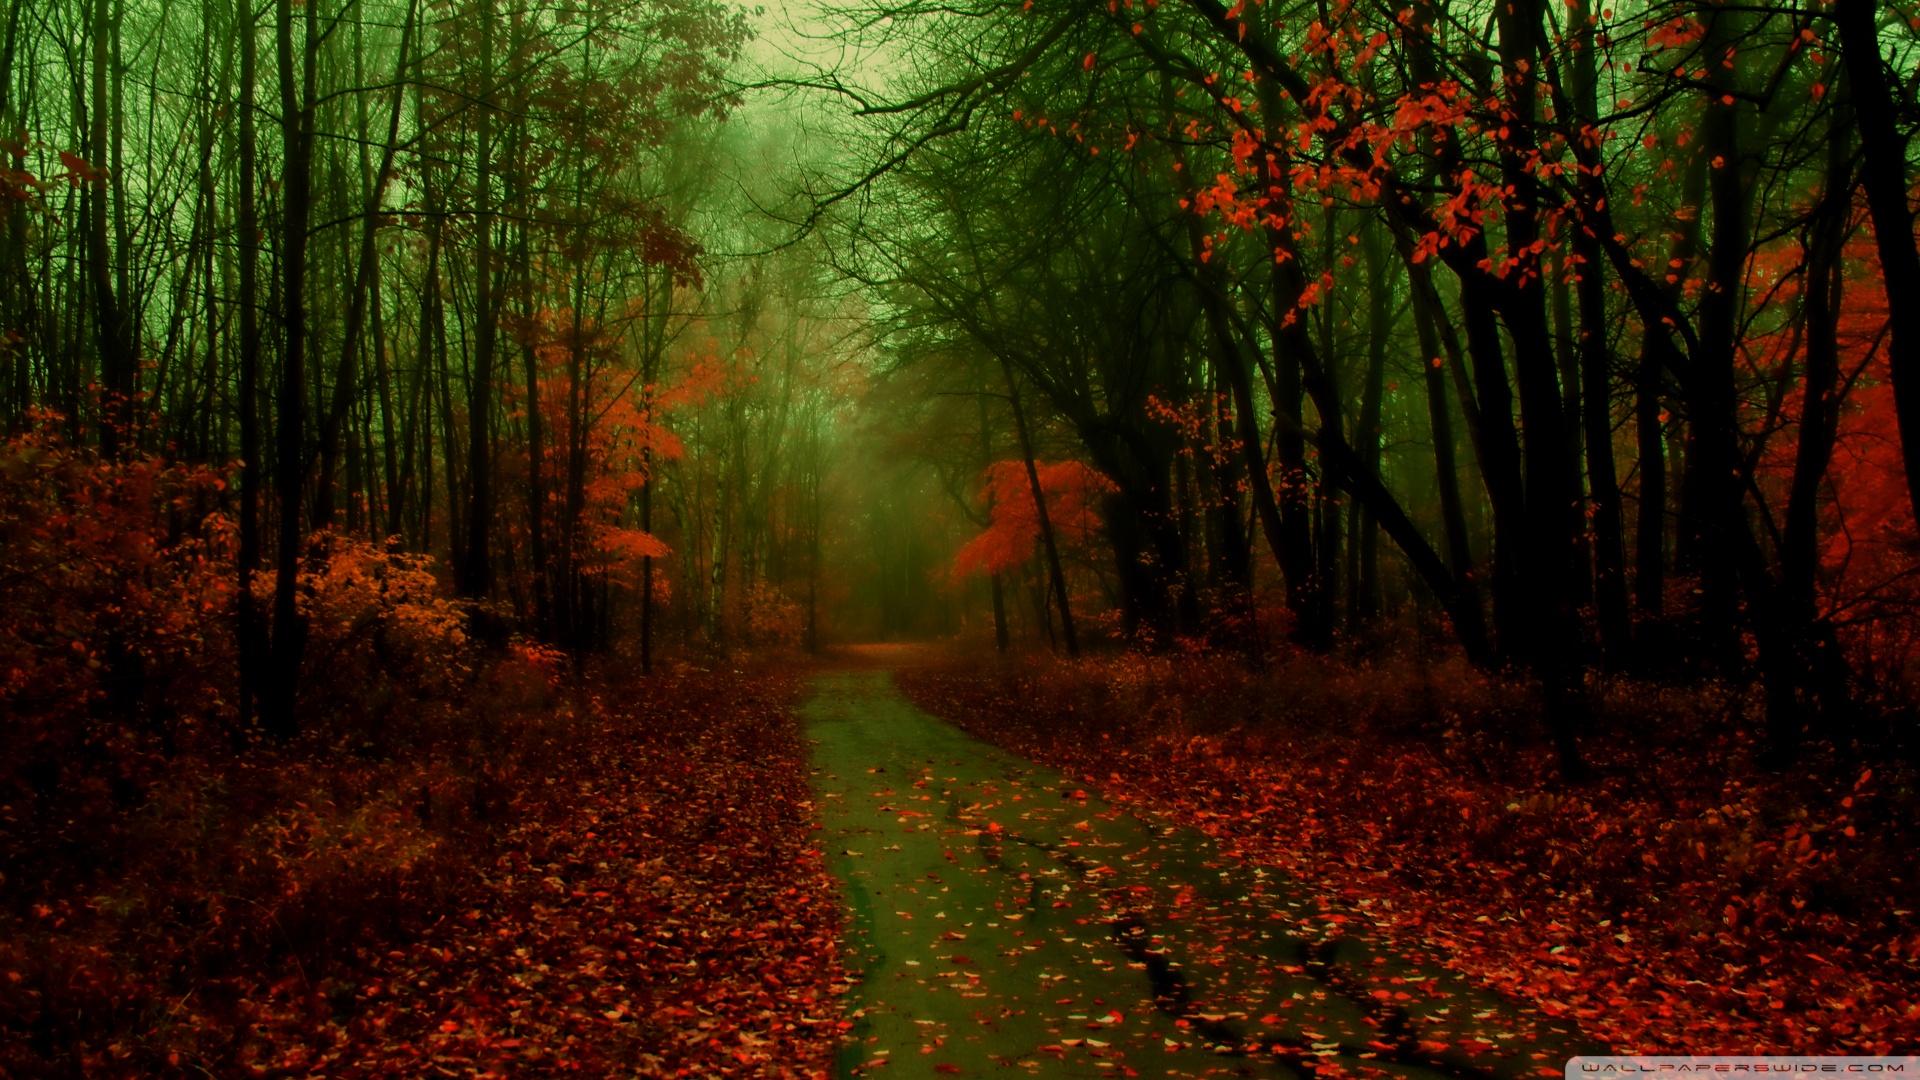 40 Autumn Scene Background Wallpaper for Desktop 1920x1080